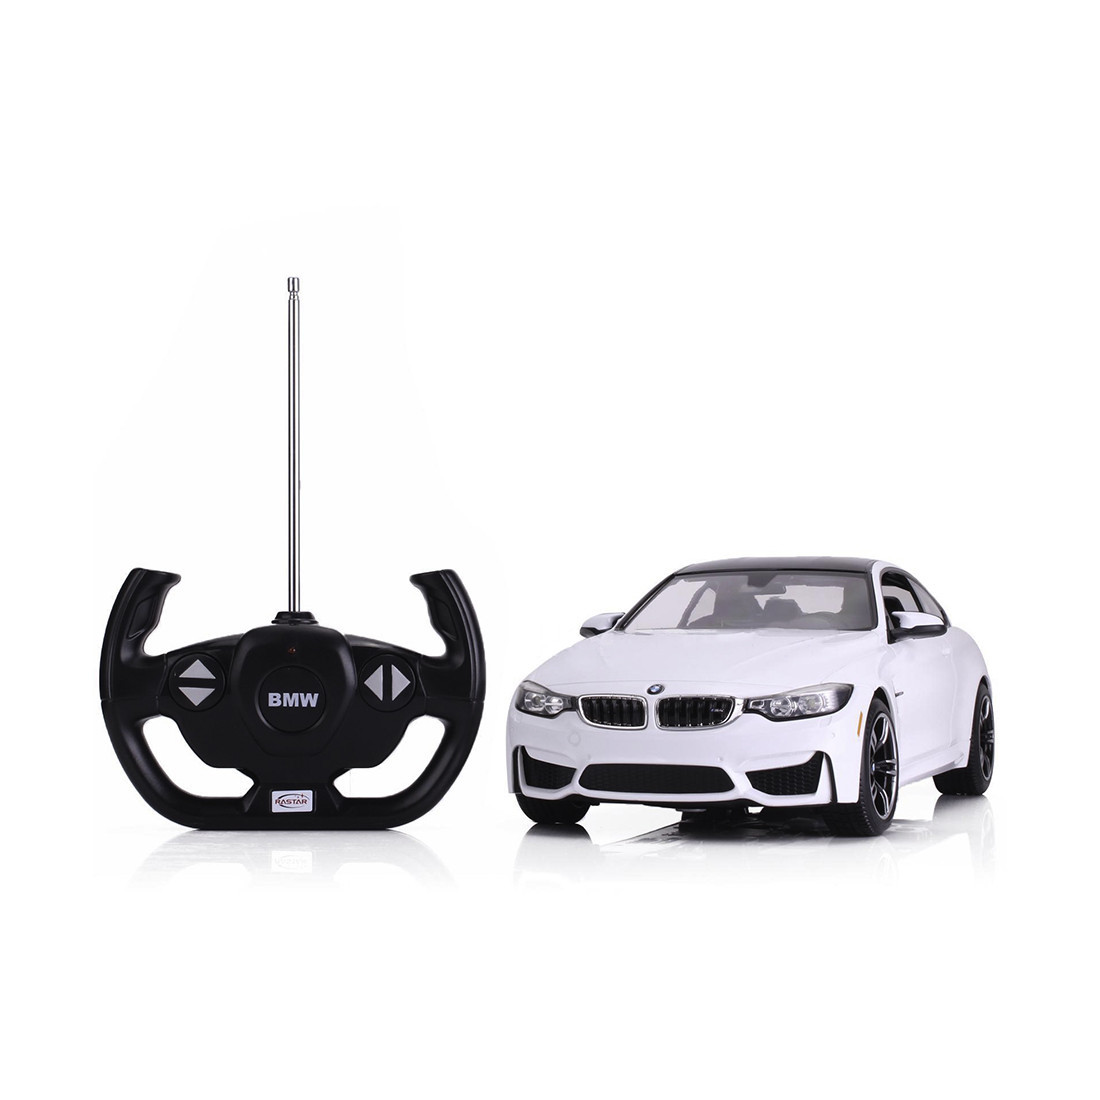 Радиоуправляемая модель автомобиль Rastar BMW M4, 1:14, Управление: Джойстик, Материал: Пластик, Цвет: Белый,